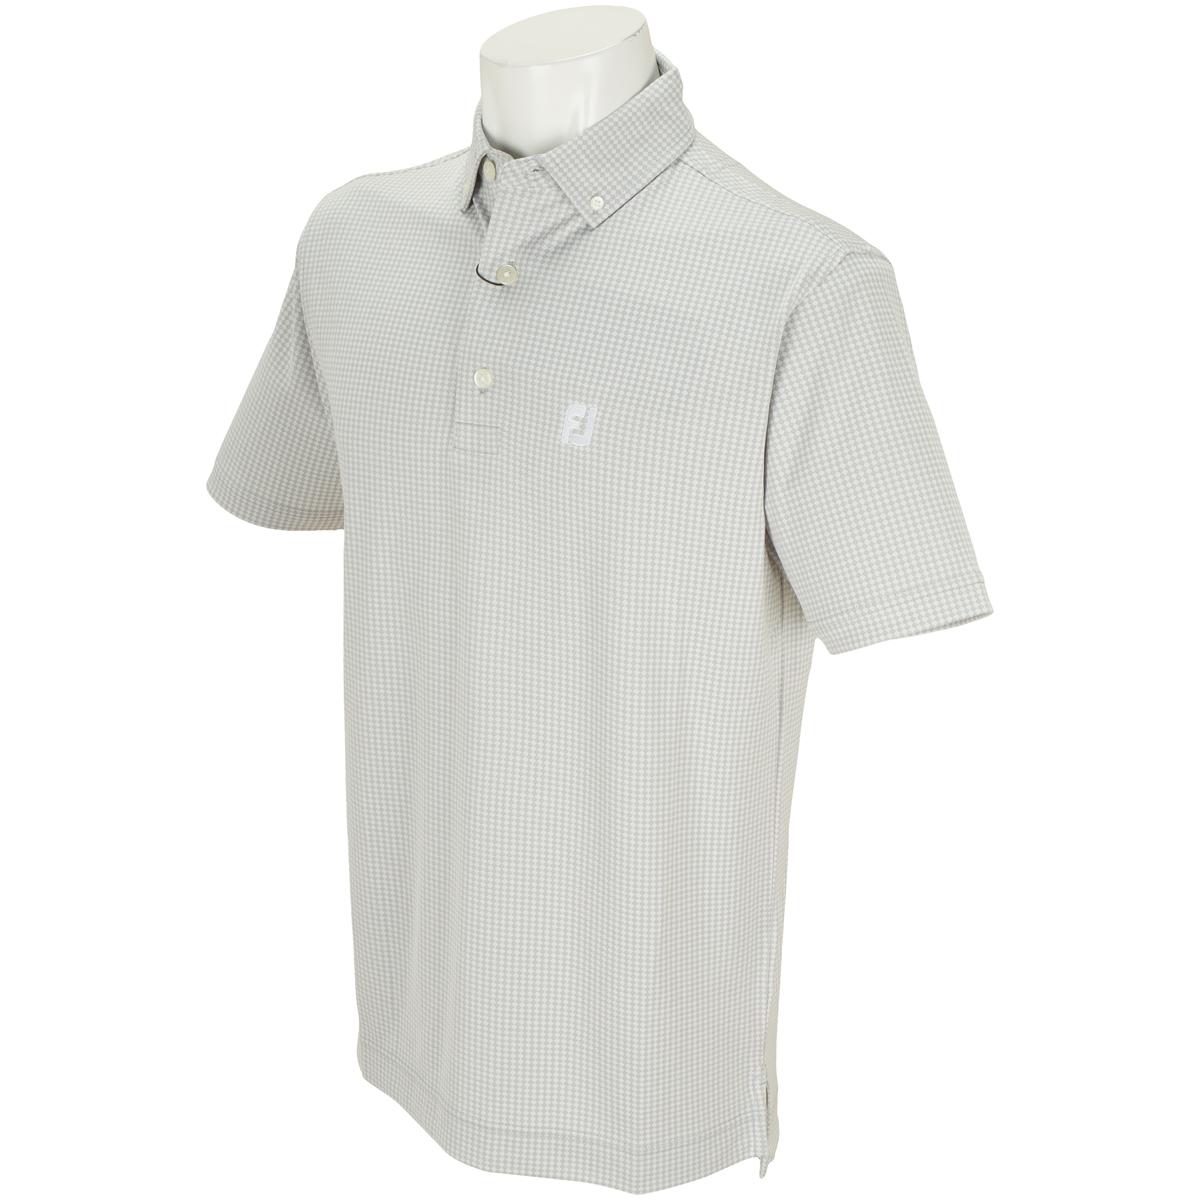 ダイヤモンドジャカード ストレッチボタンダウン半袖ポロシャツ